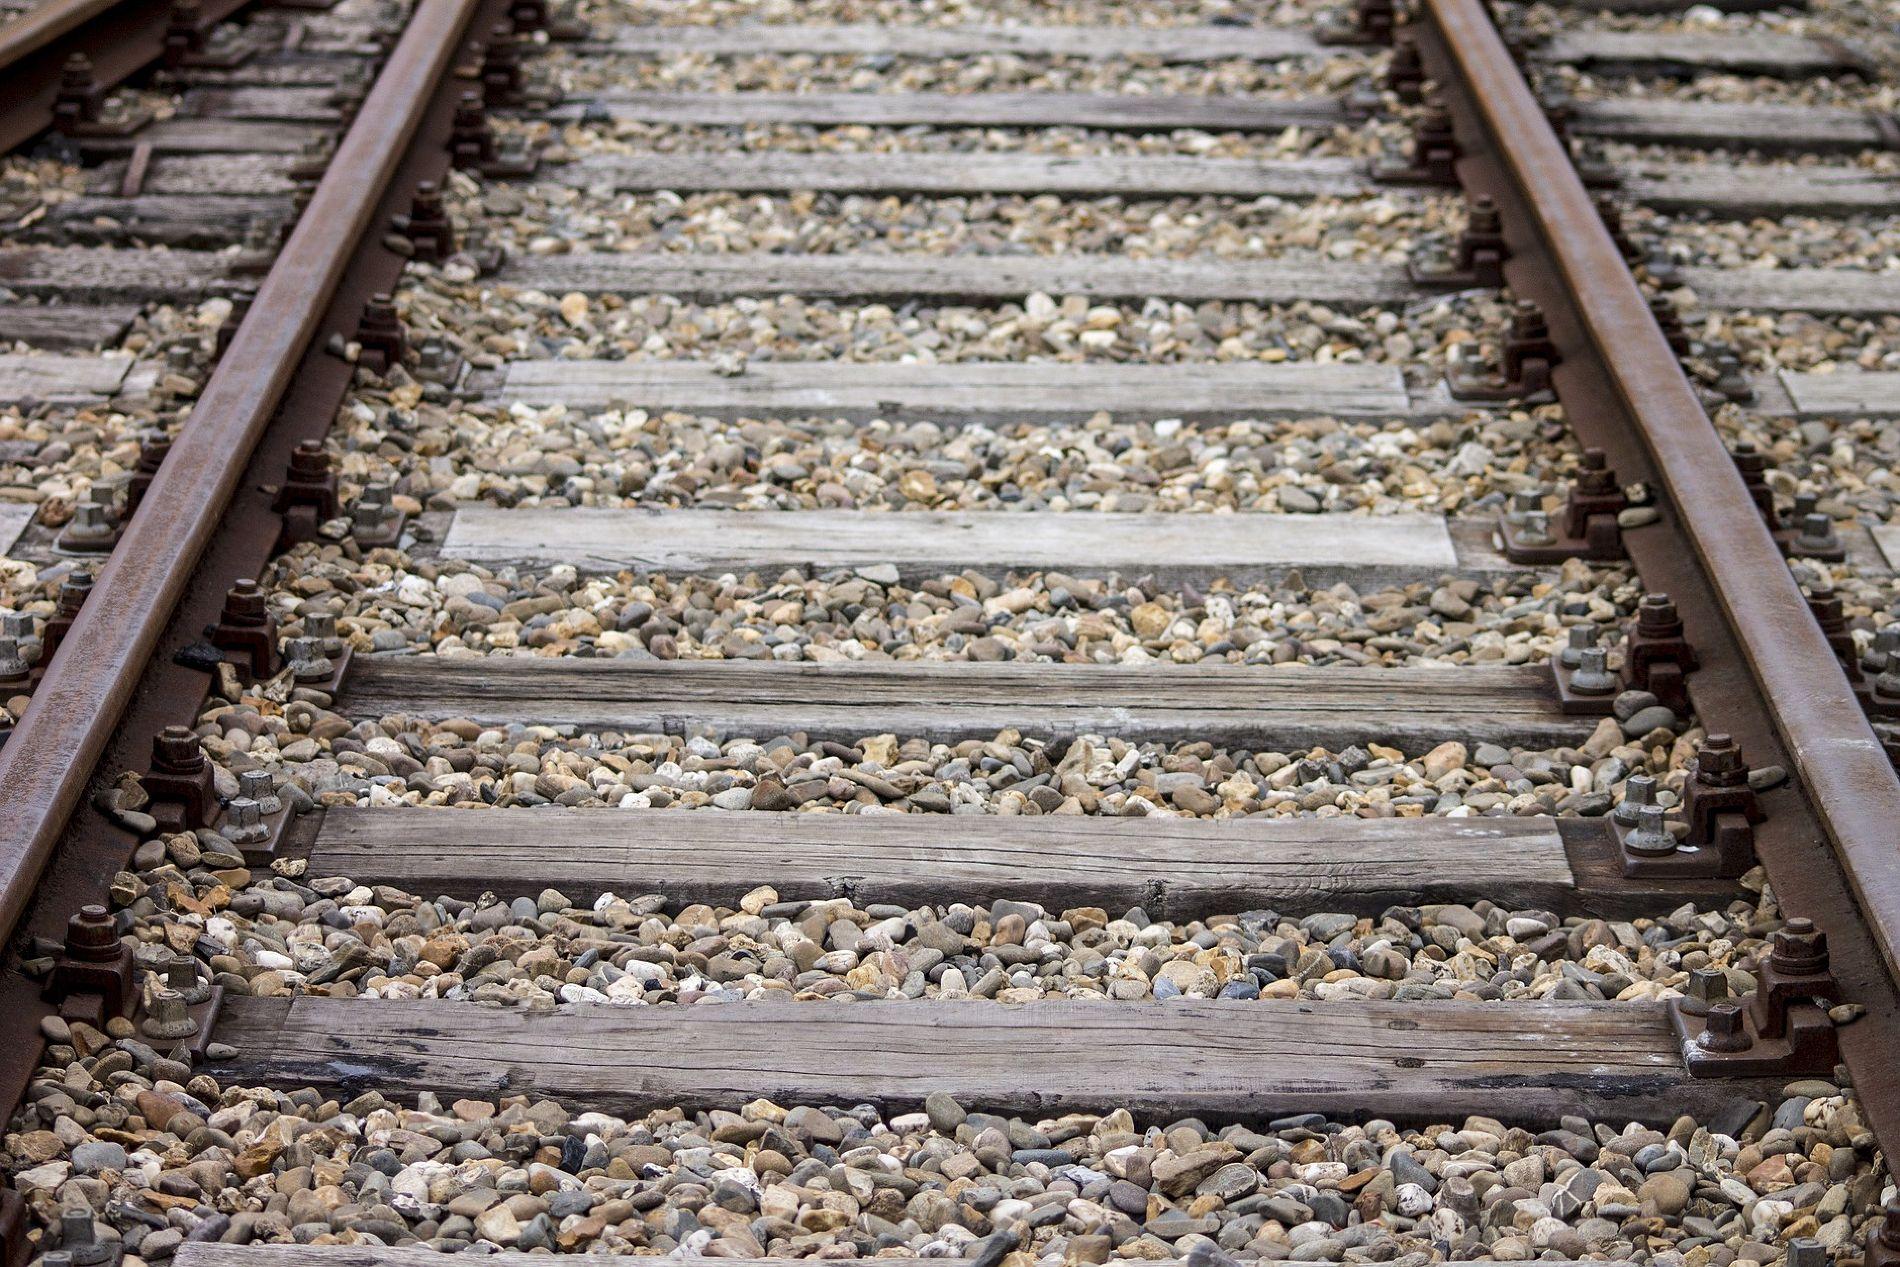 ВРостовской области грузовой поезд сбил 18-летнего студента